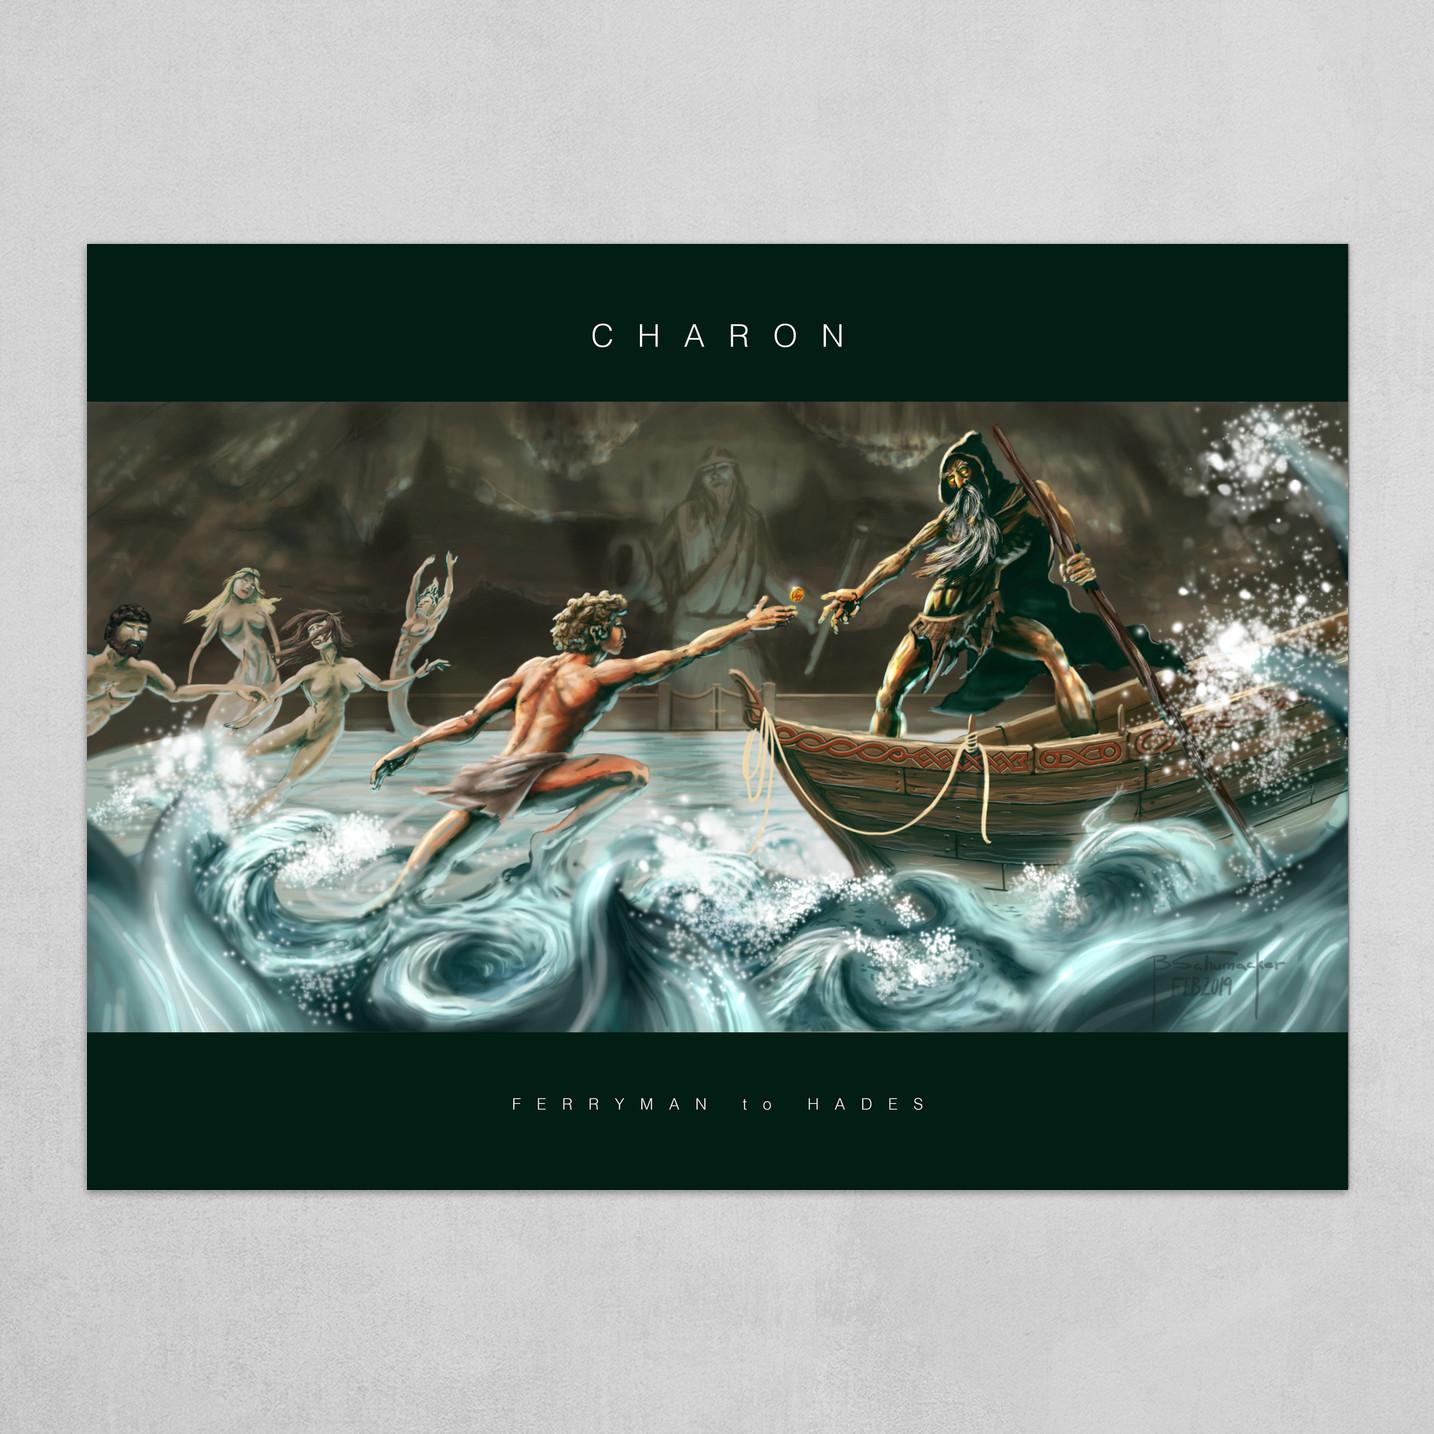 Charon - Poster